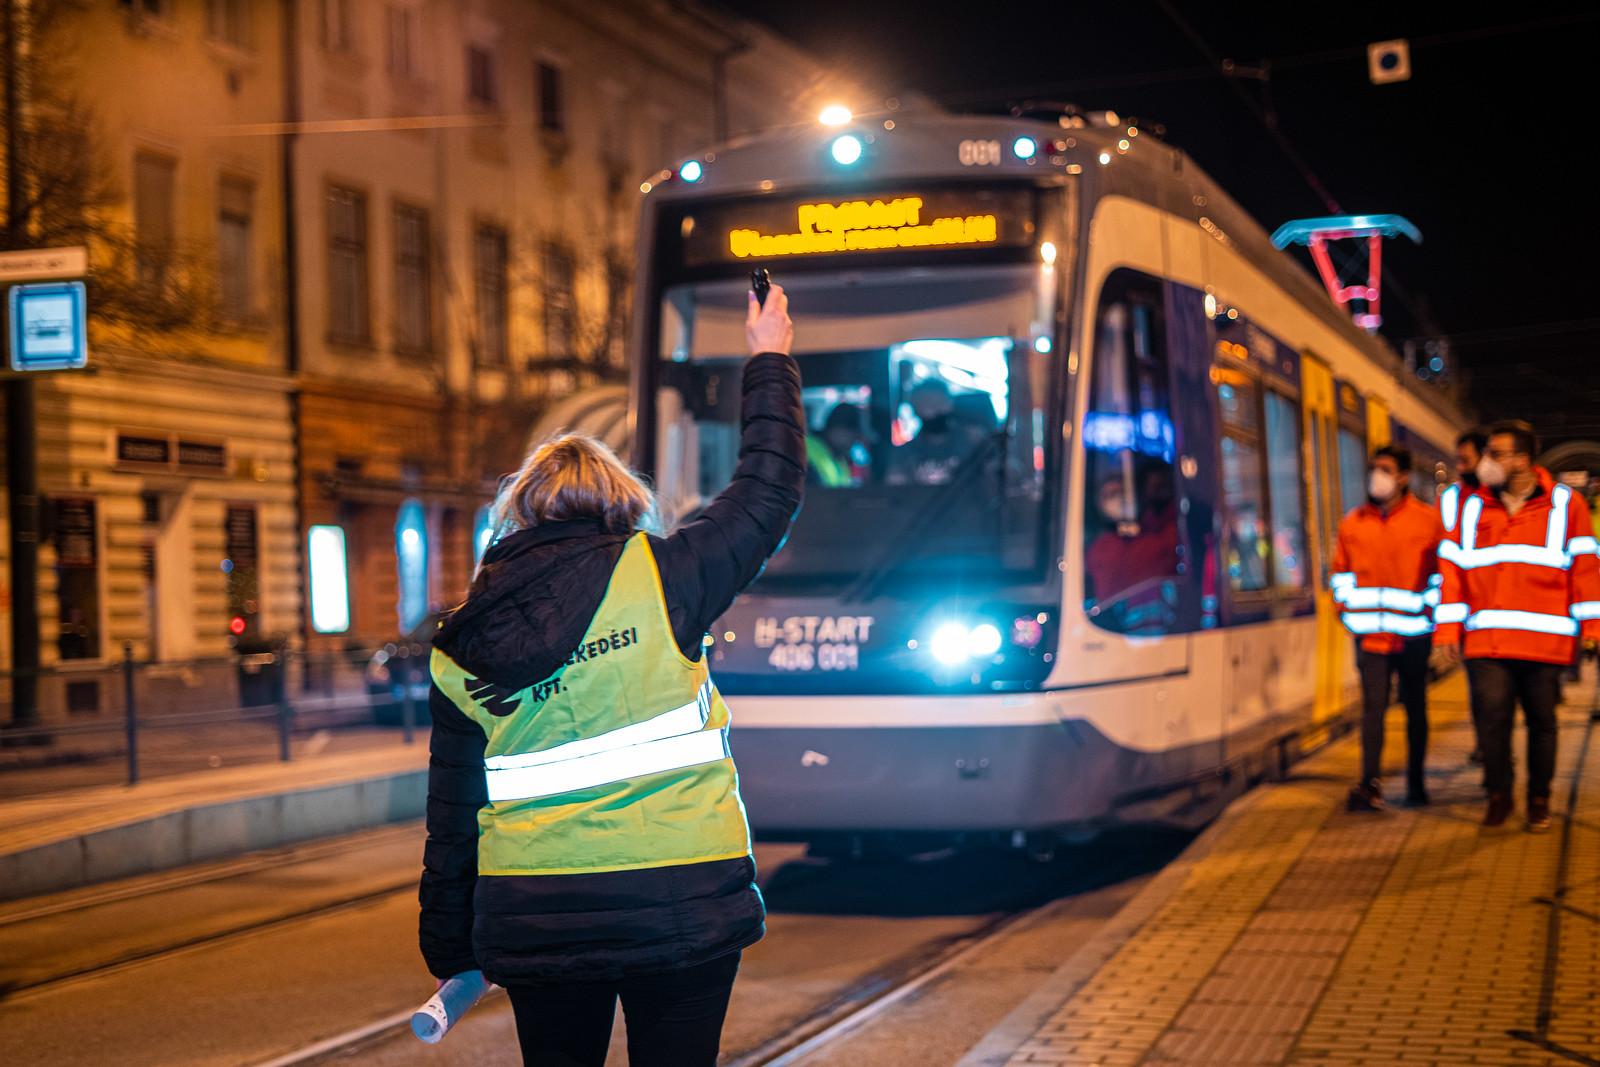 Történelmi pillanatok: először járt Szegeden a tram-train